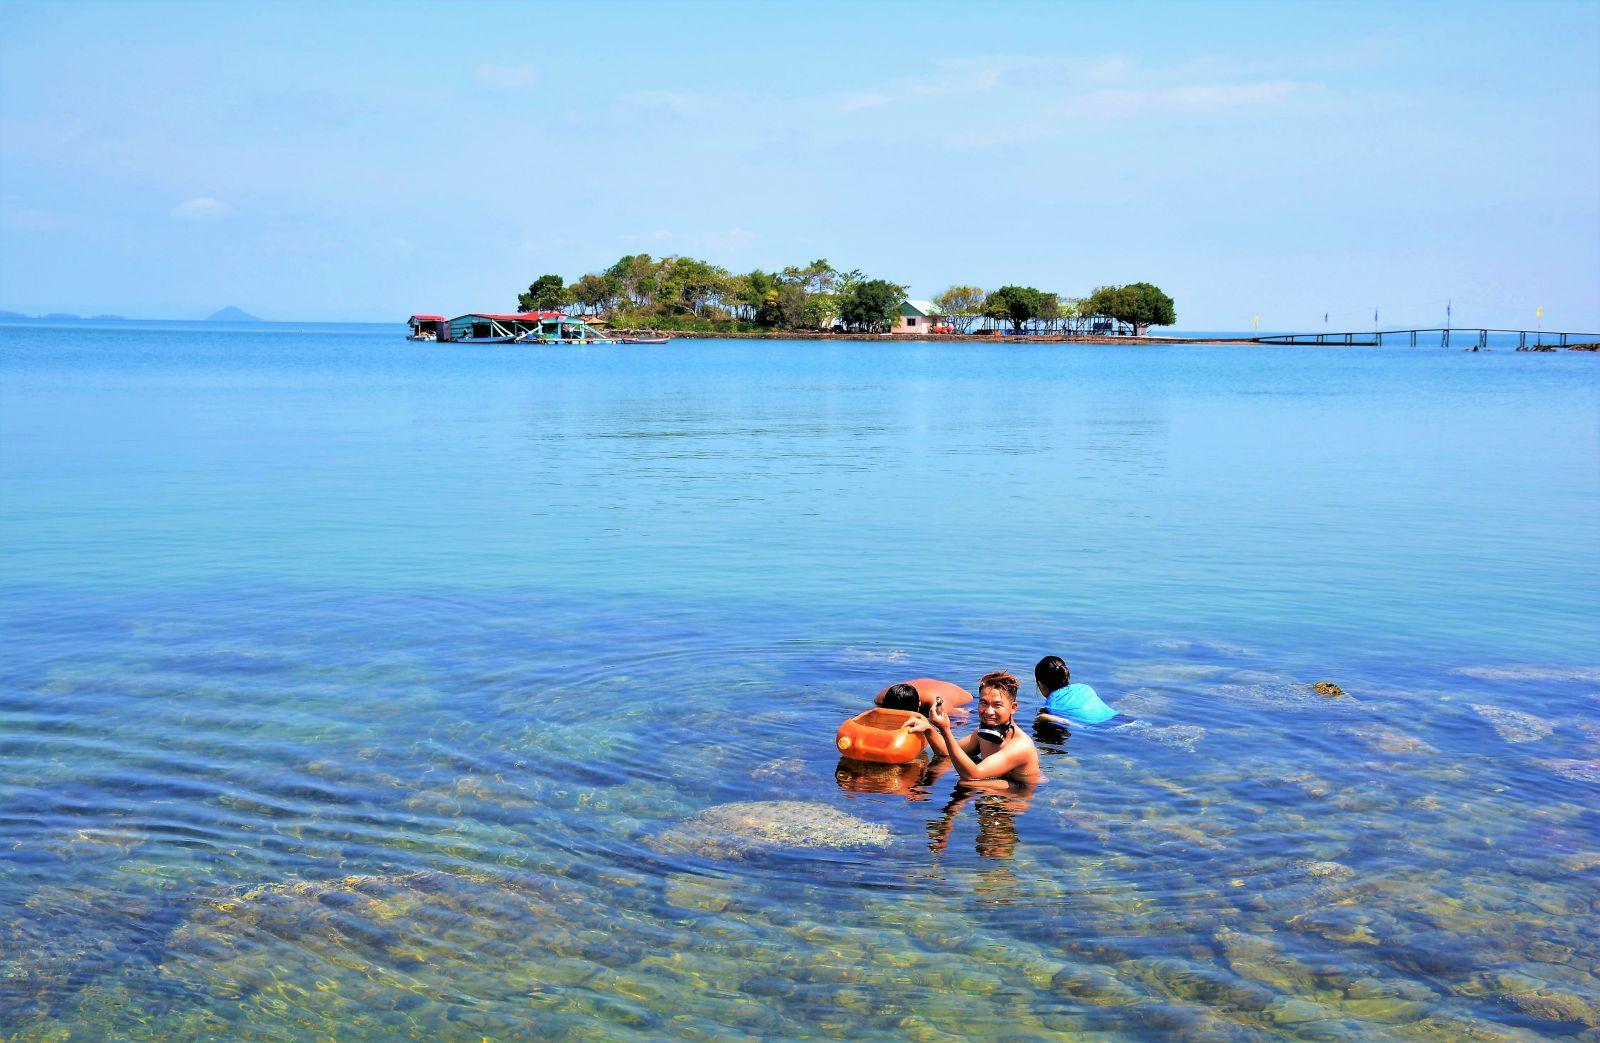 Du khách lặn biển ngắm san hô tại Đảo Hải Tặc